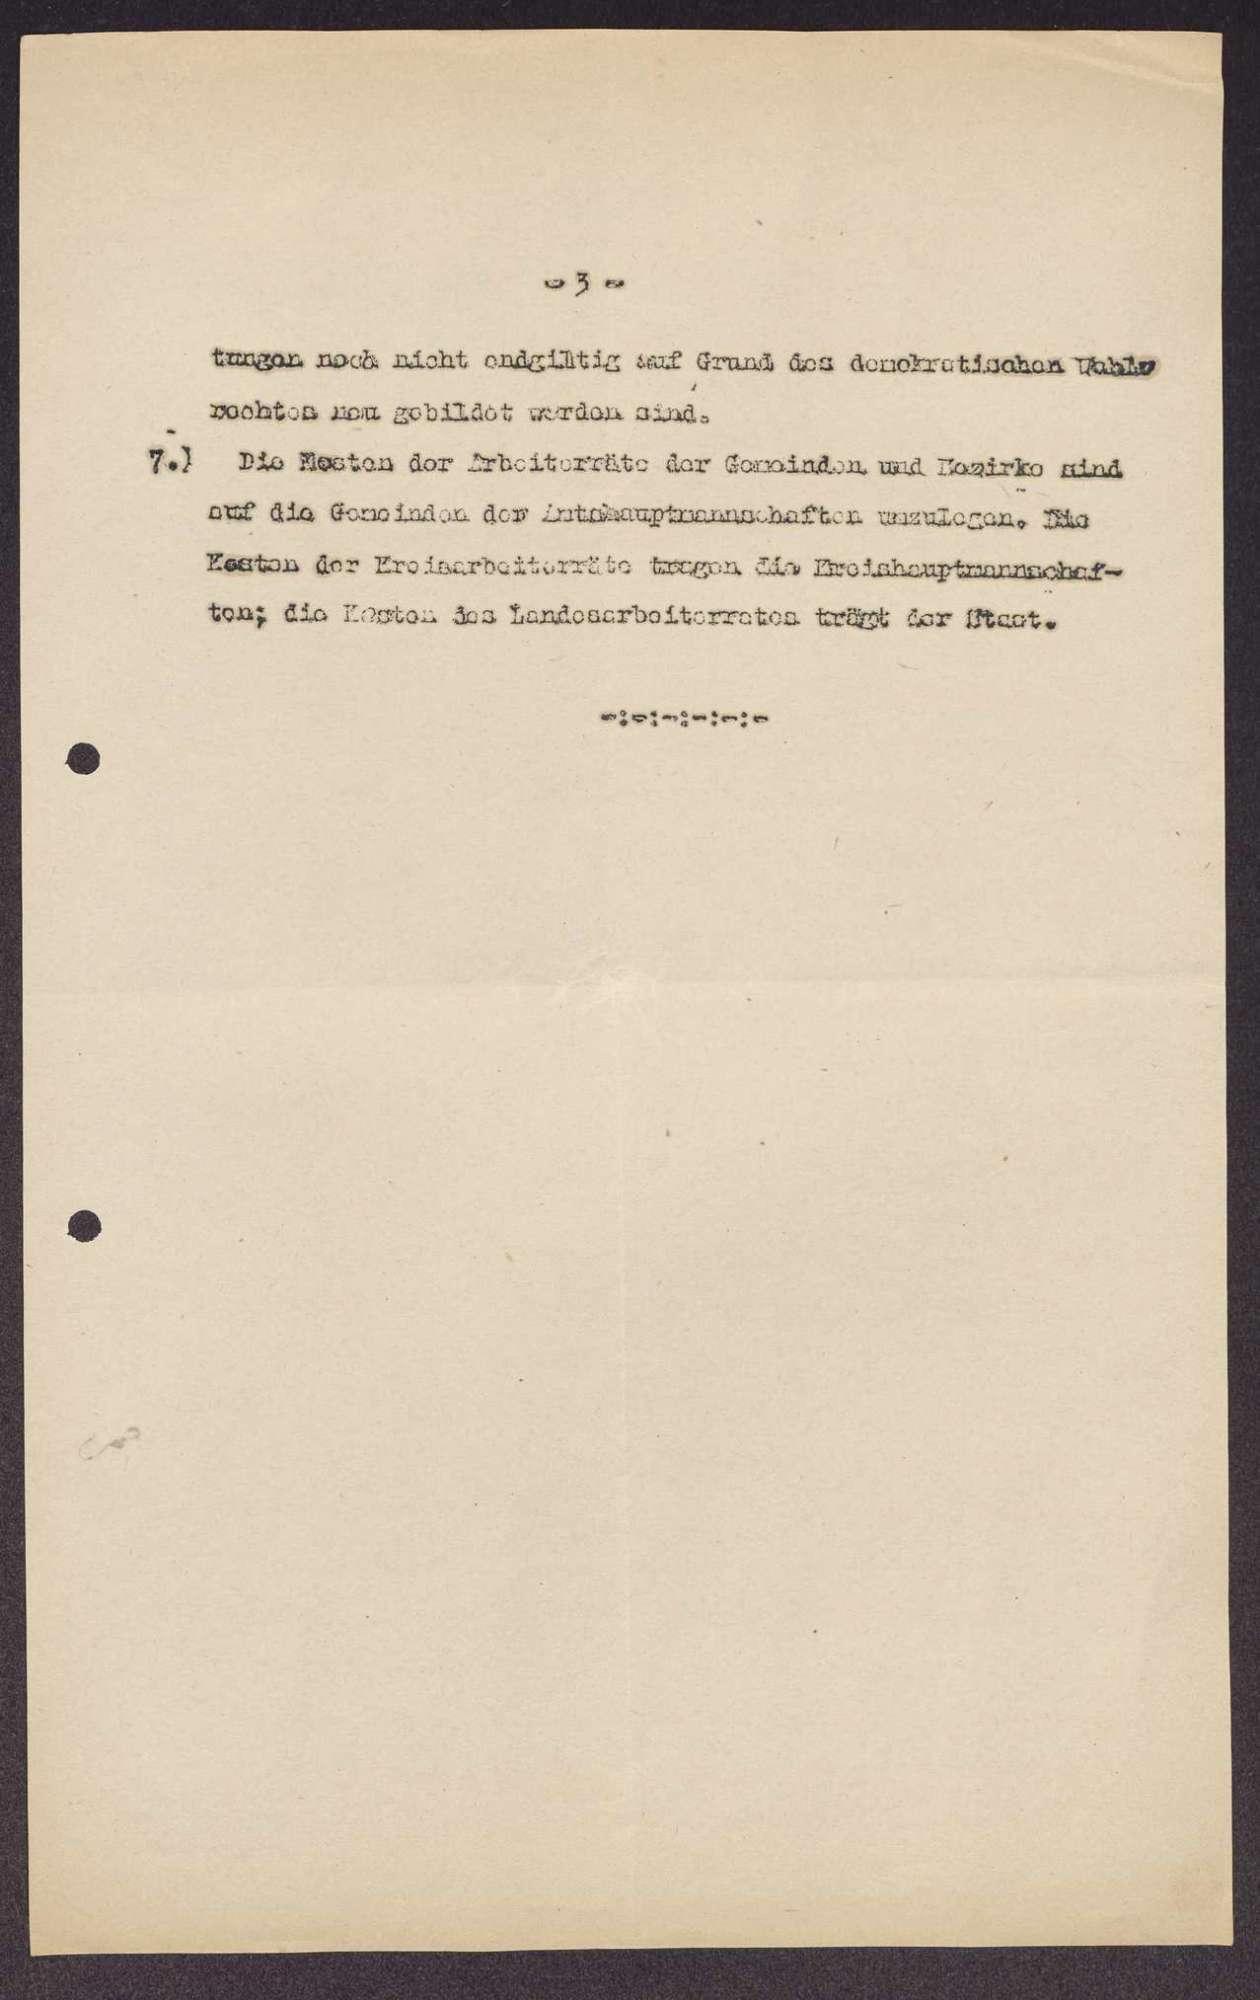 Organisationsentwurf für die Arbeiterräte, Kreisarbeiterräte und den Landessrat in Sachsen, Bild 3